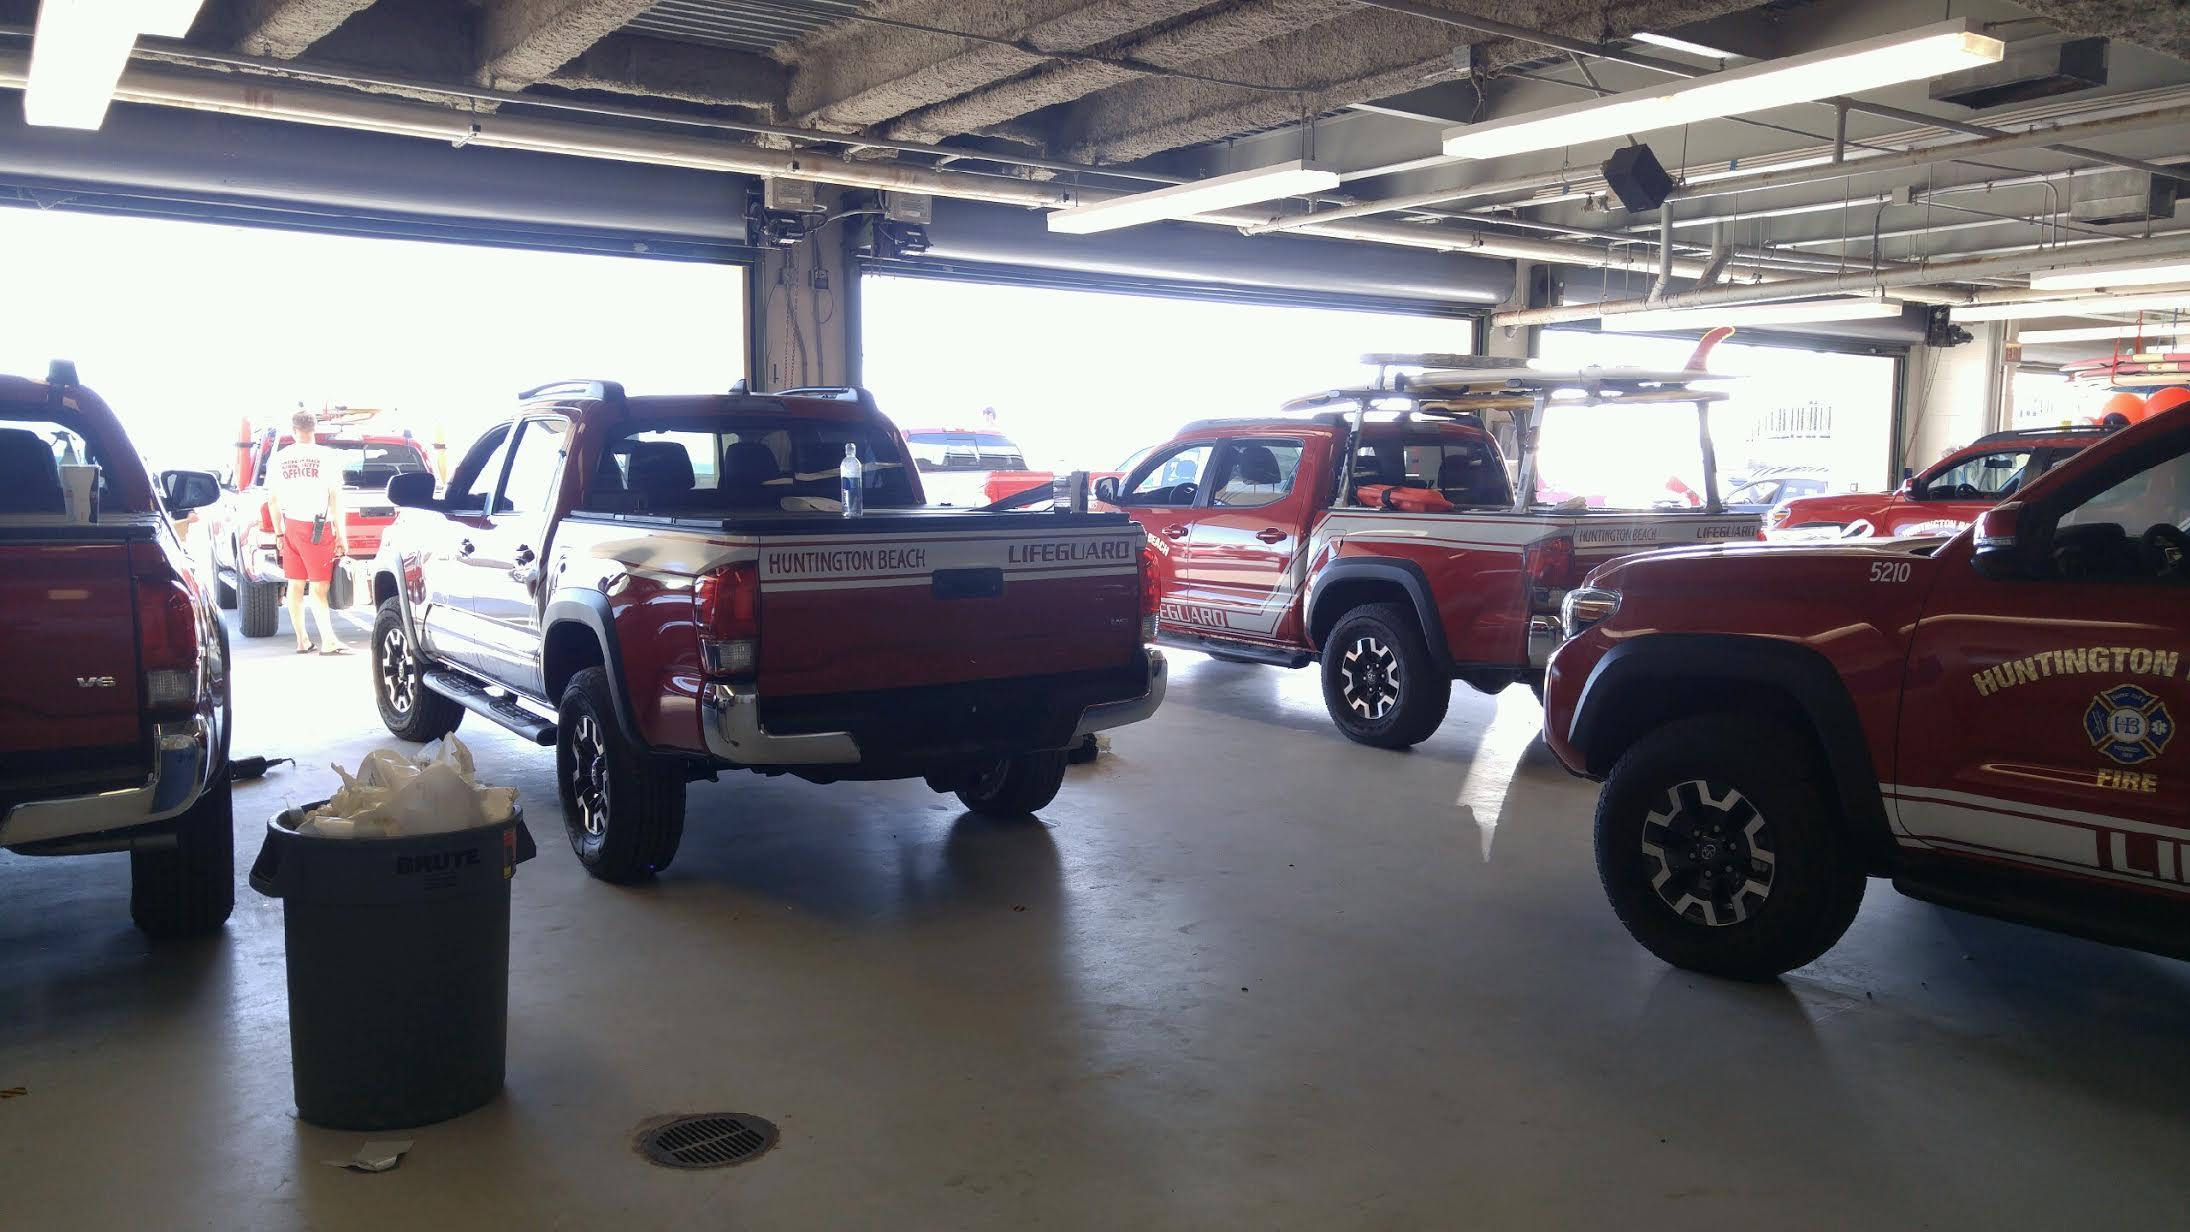 lifeguards fleet